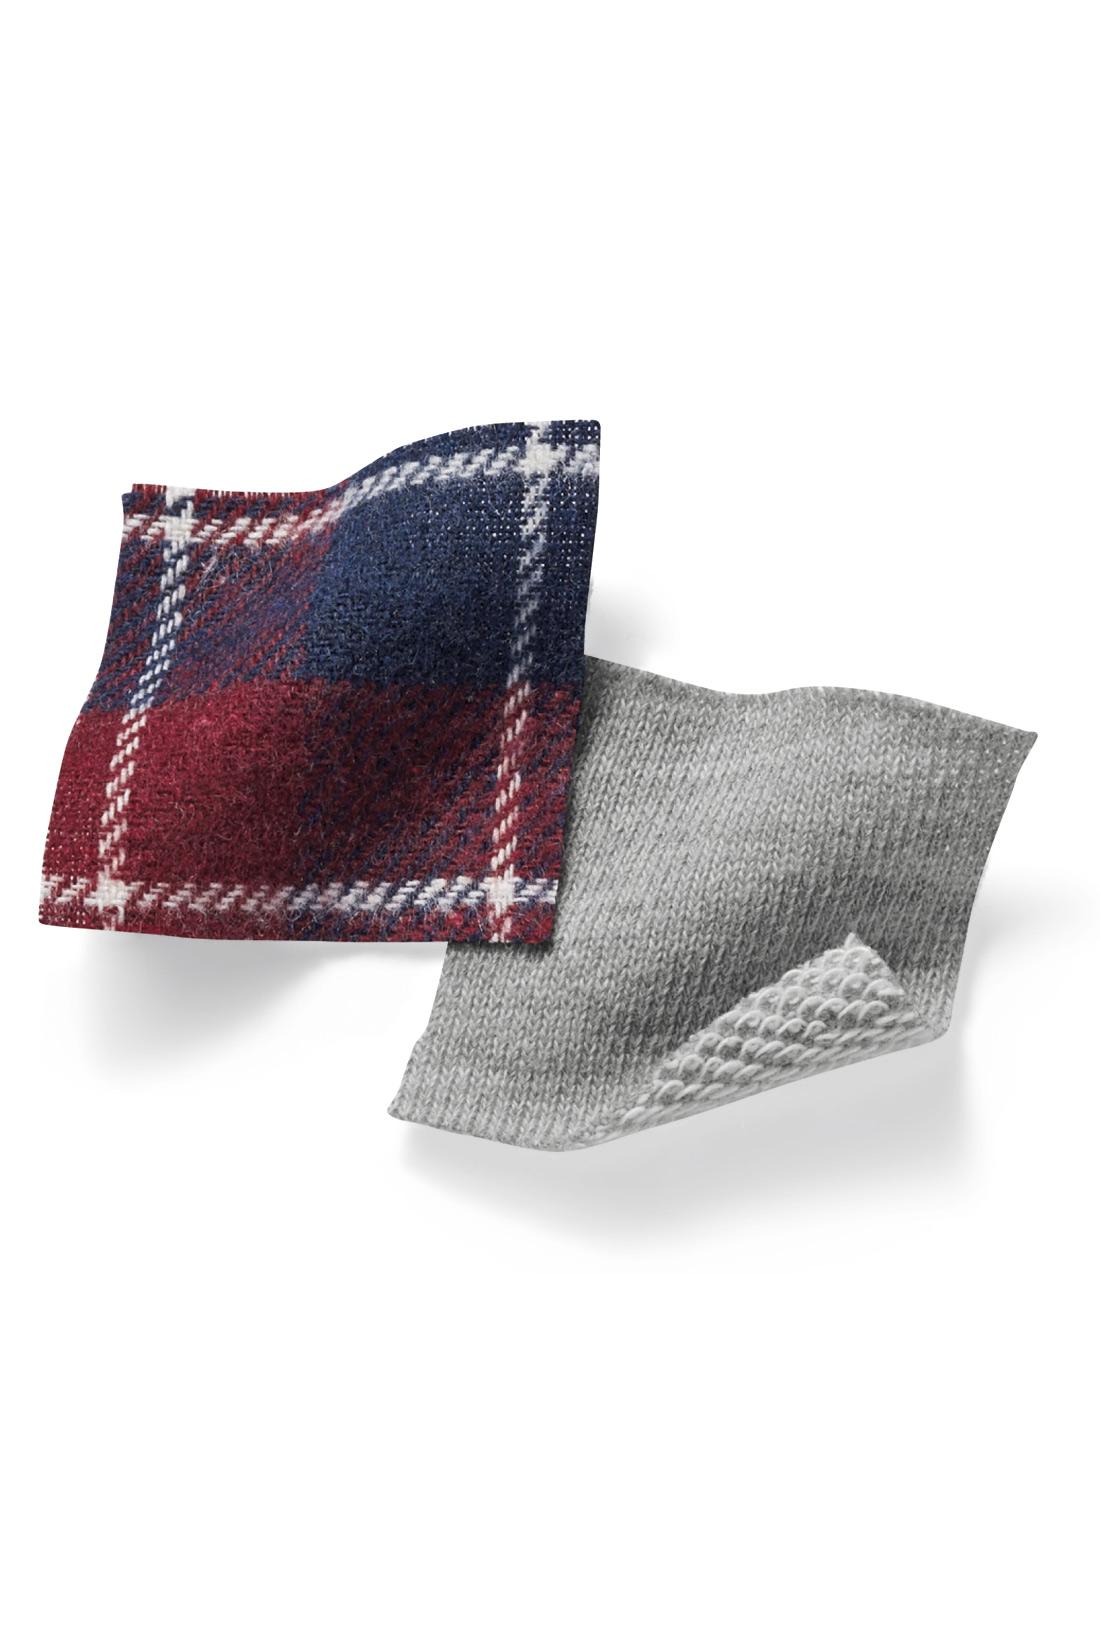 パーカー部分は、伸びやかなミニ裏毛素材。シャツ部分は布はくの先染めネル素材。